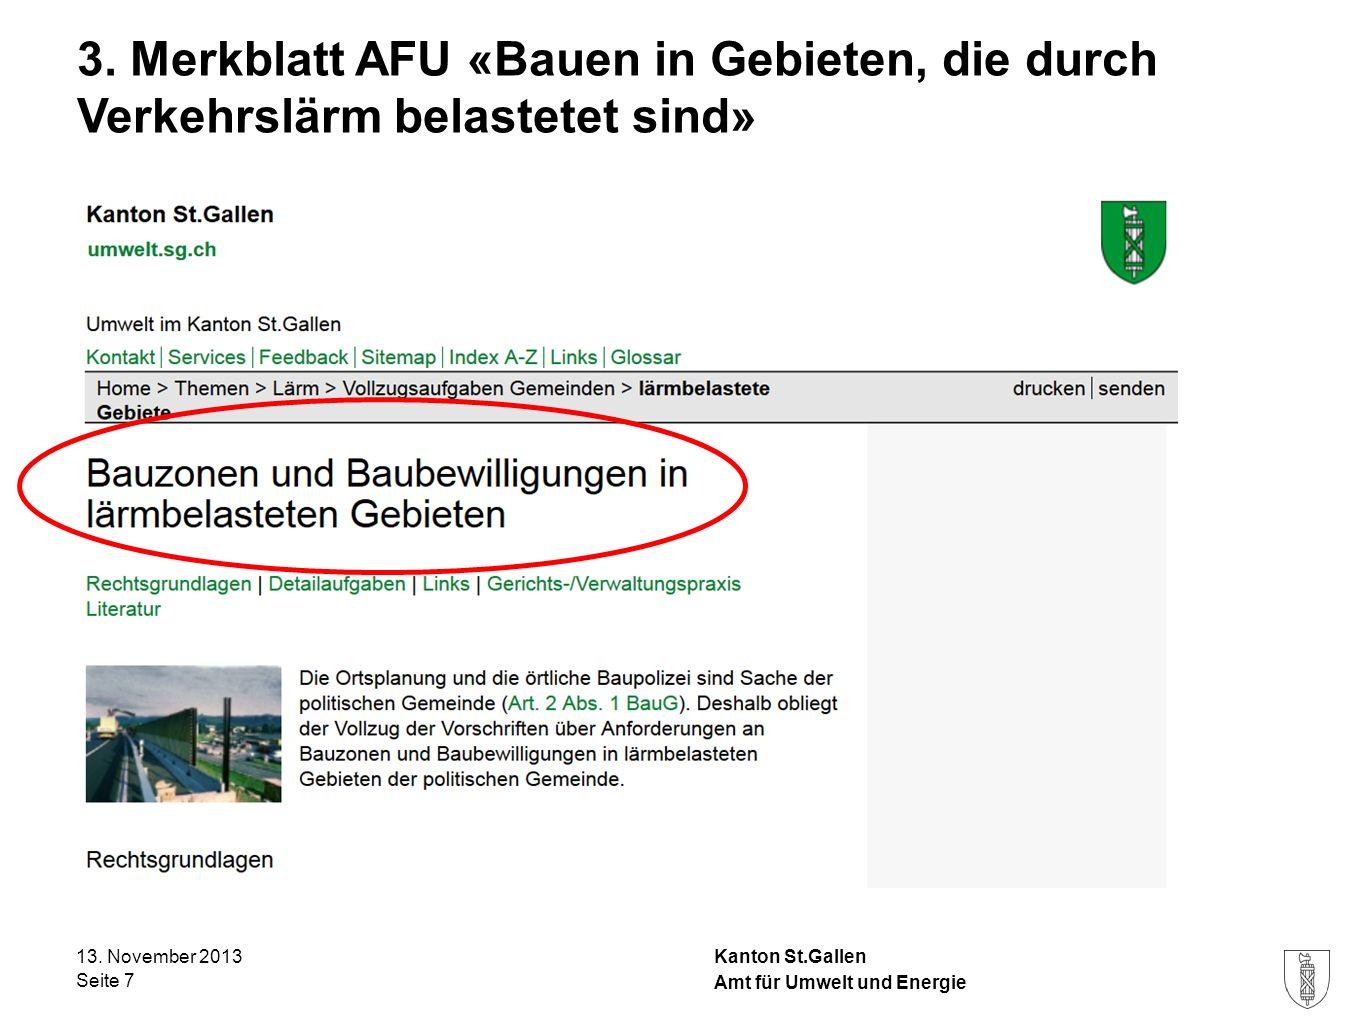 Kanton St.Gallen 3. Merkblatt AFU «Bauen in Gebieten, die durch Verkehrslärm belastetet sind» 13. November 2013 Seite 7 Amt für Umwelt und Energie